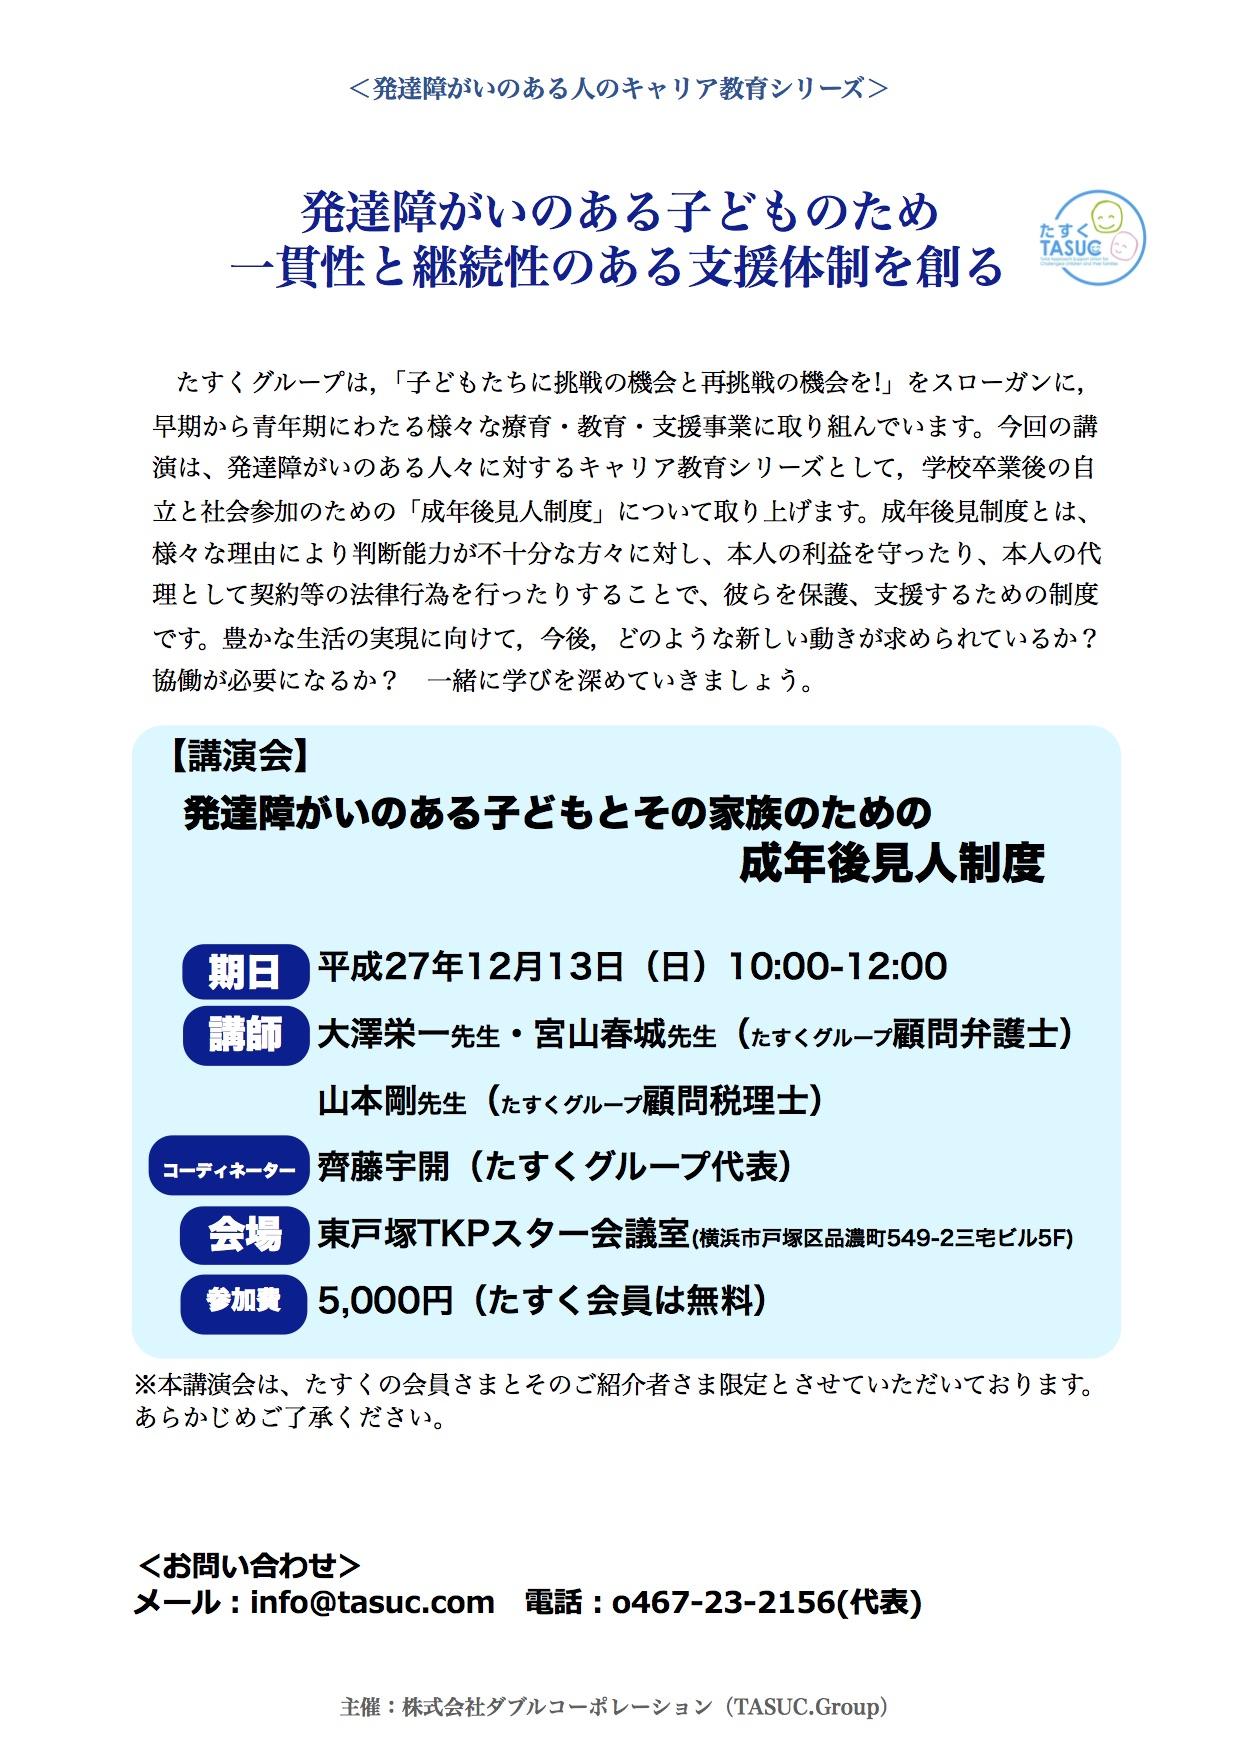 12/13講演会の詳細